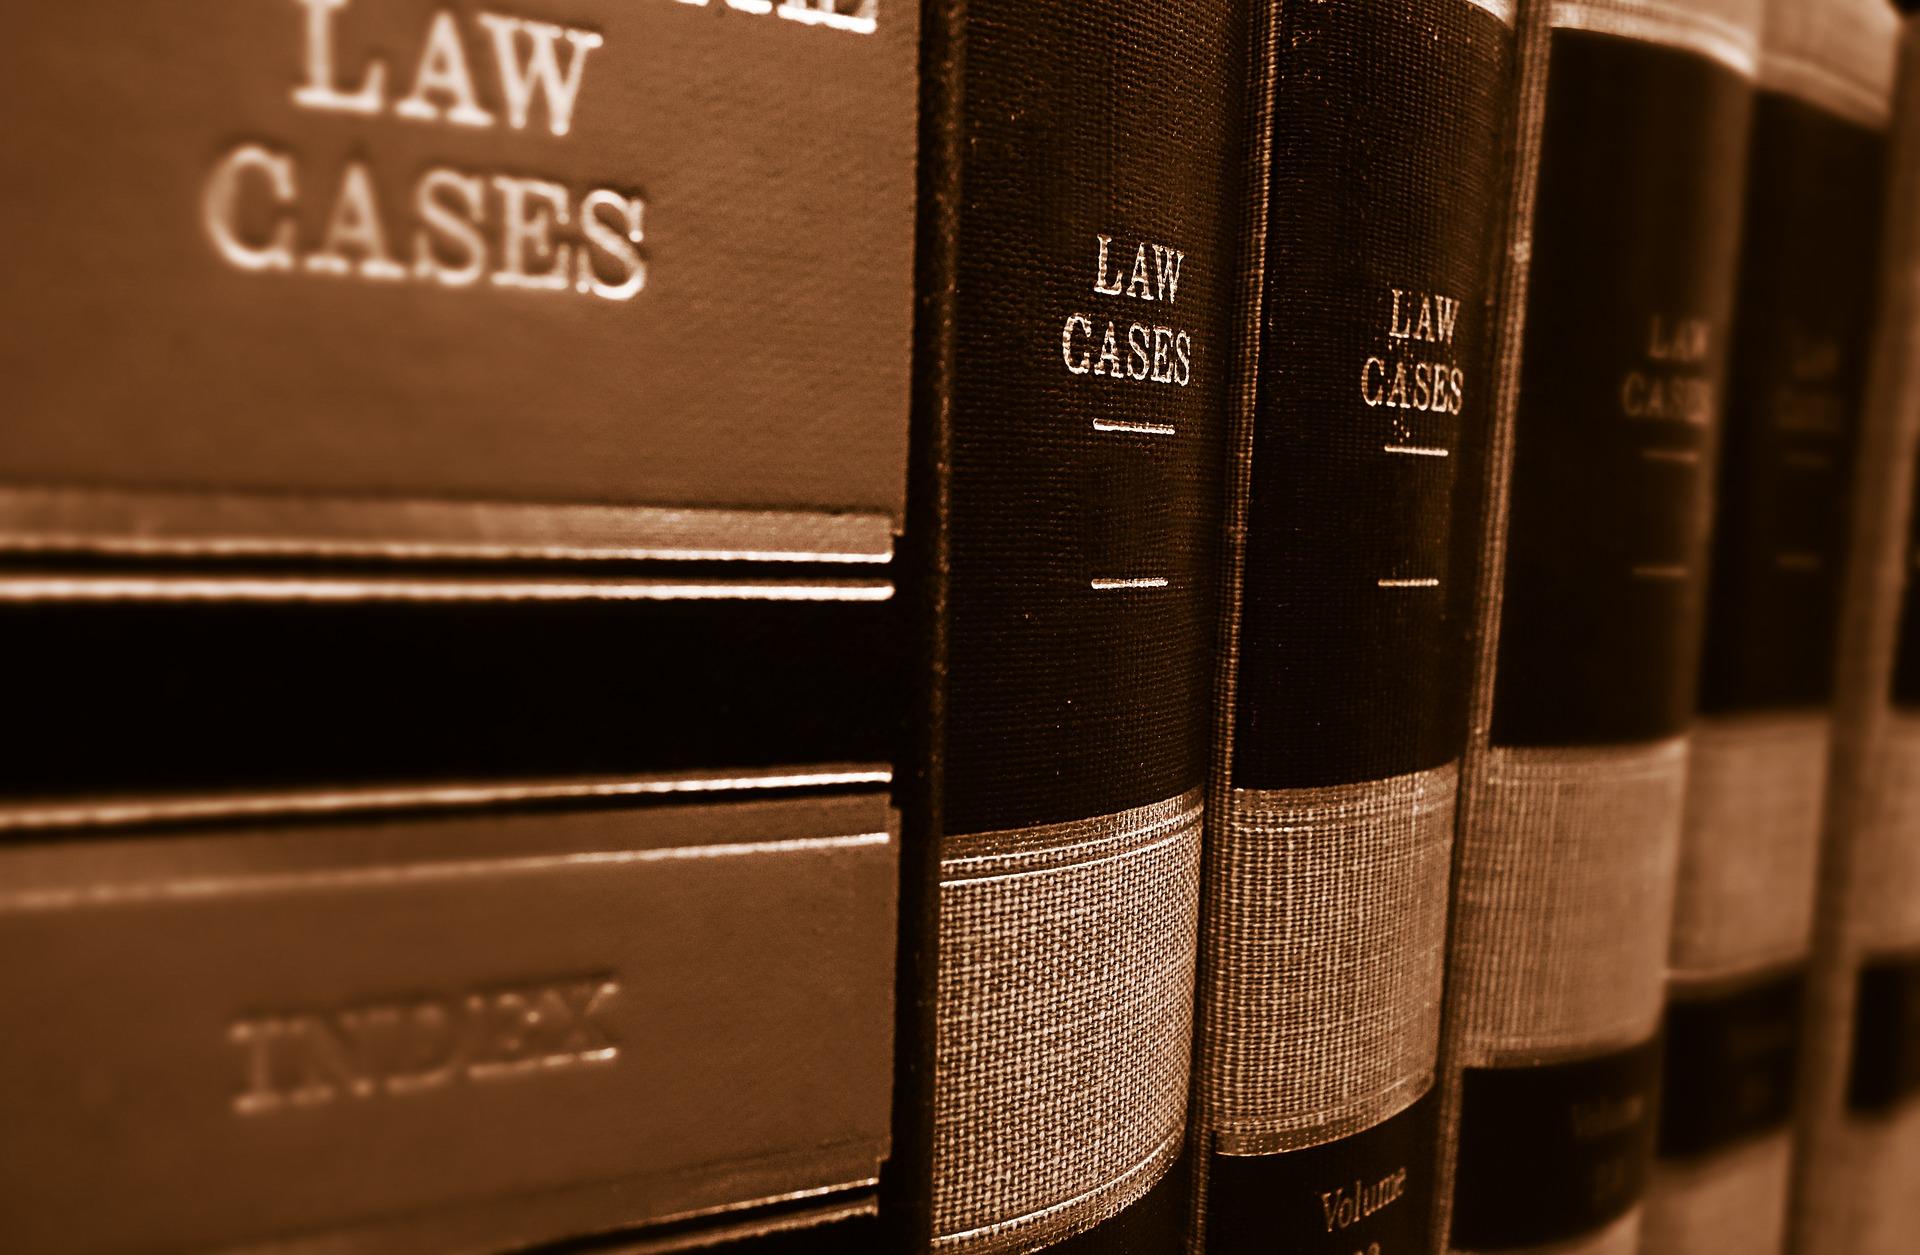 law-1991004_1920.jpg